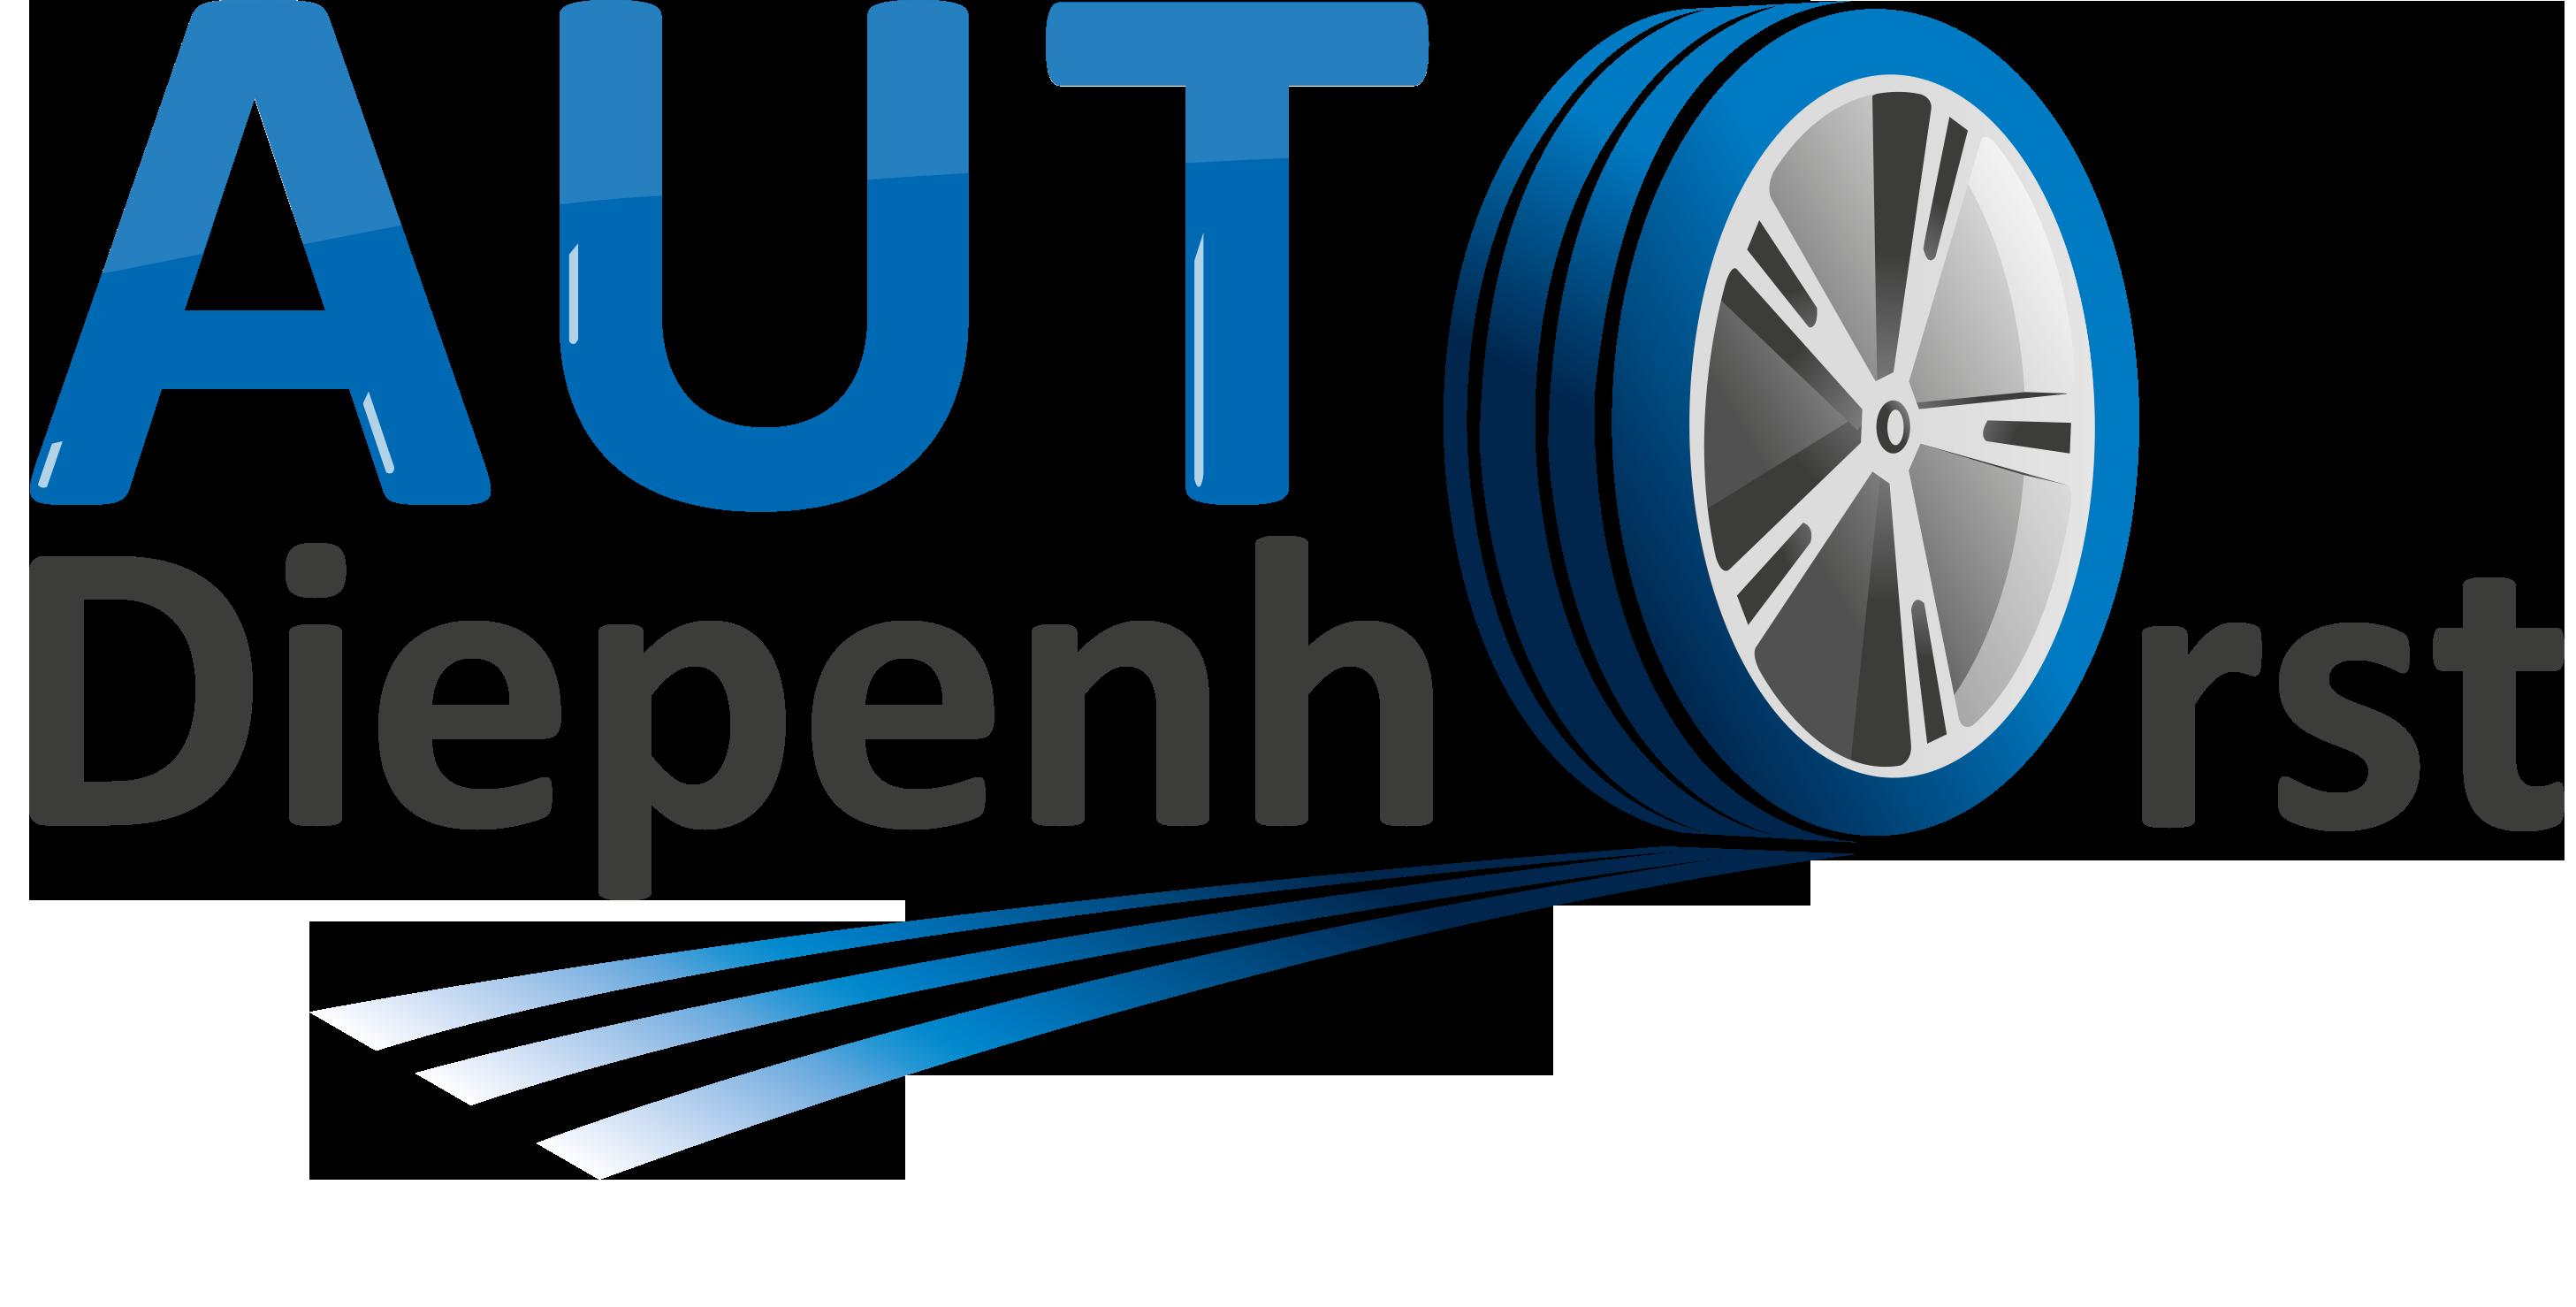 auto-diepenhorst-b12177d3522dae0ccffecf2e8918bcd3.png